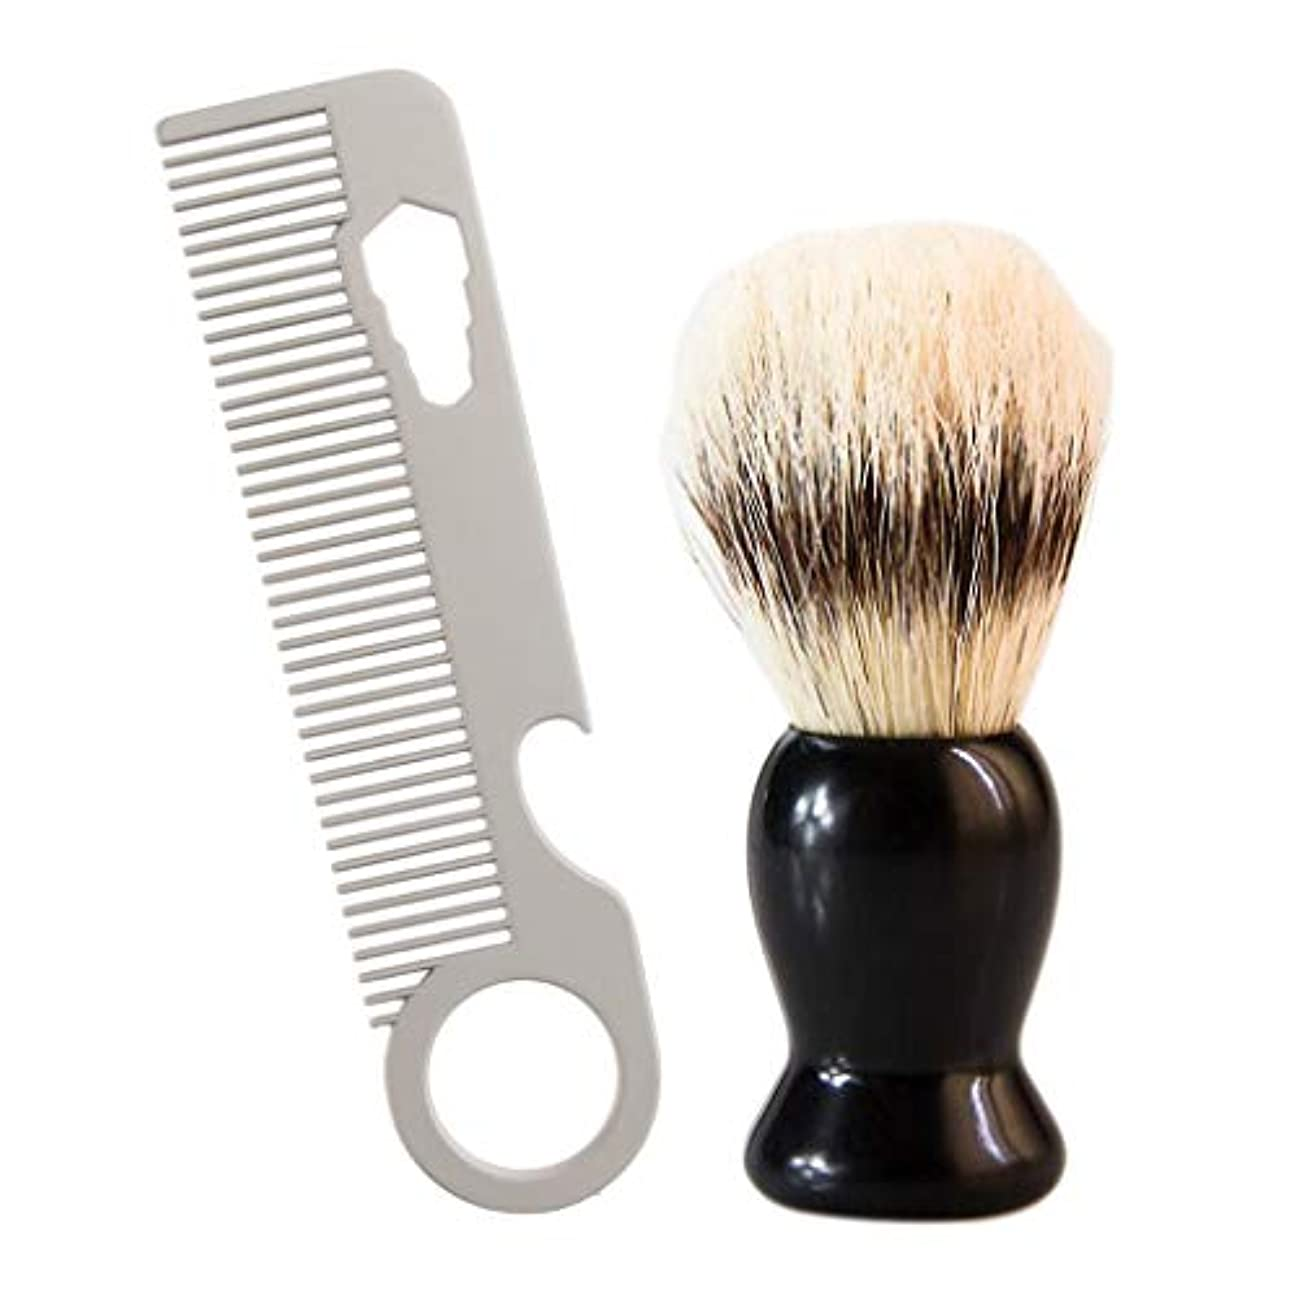 しおれたあなたが良くなります温帯sharprepublic 2個 メンズ用 ひげ剃り櫛 シェービングブラシ 理容 洗顔 髭剃り キャンプ 旅行 家庭